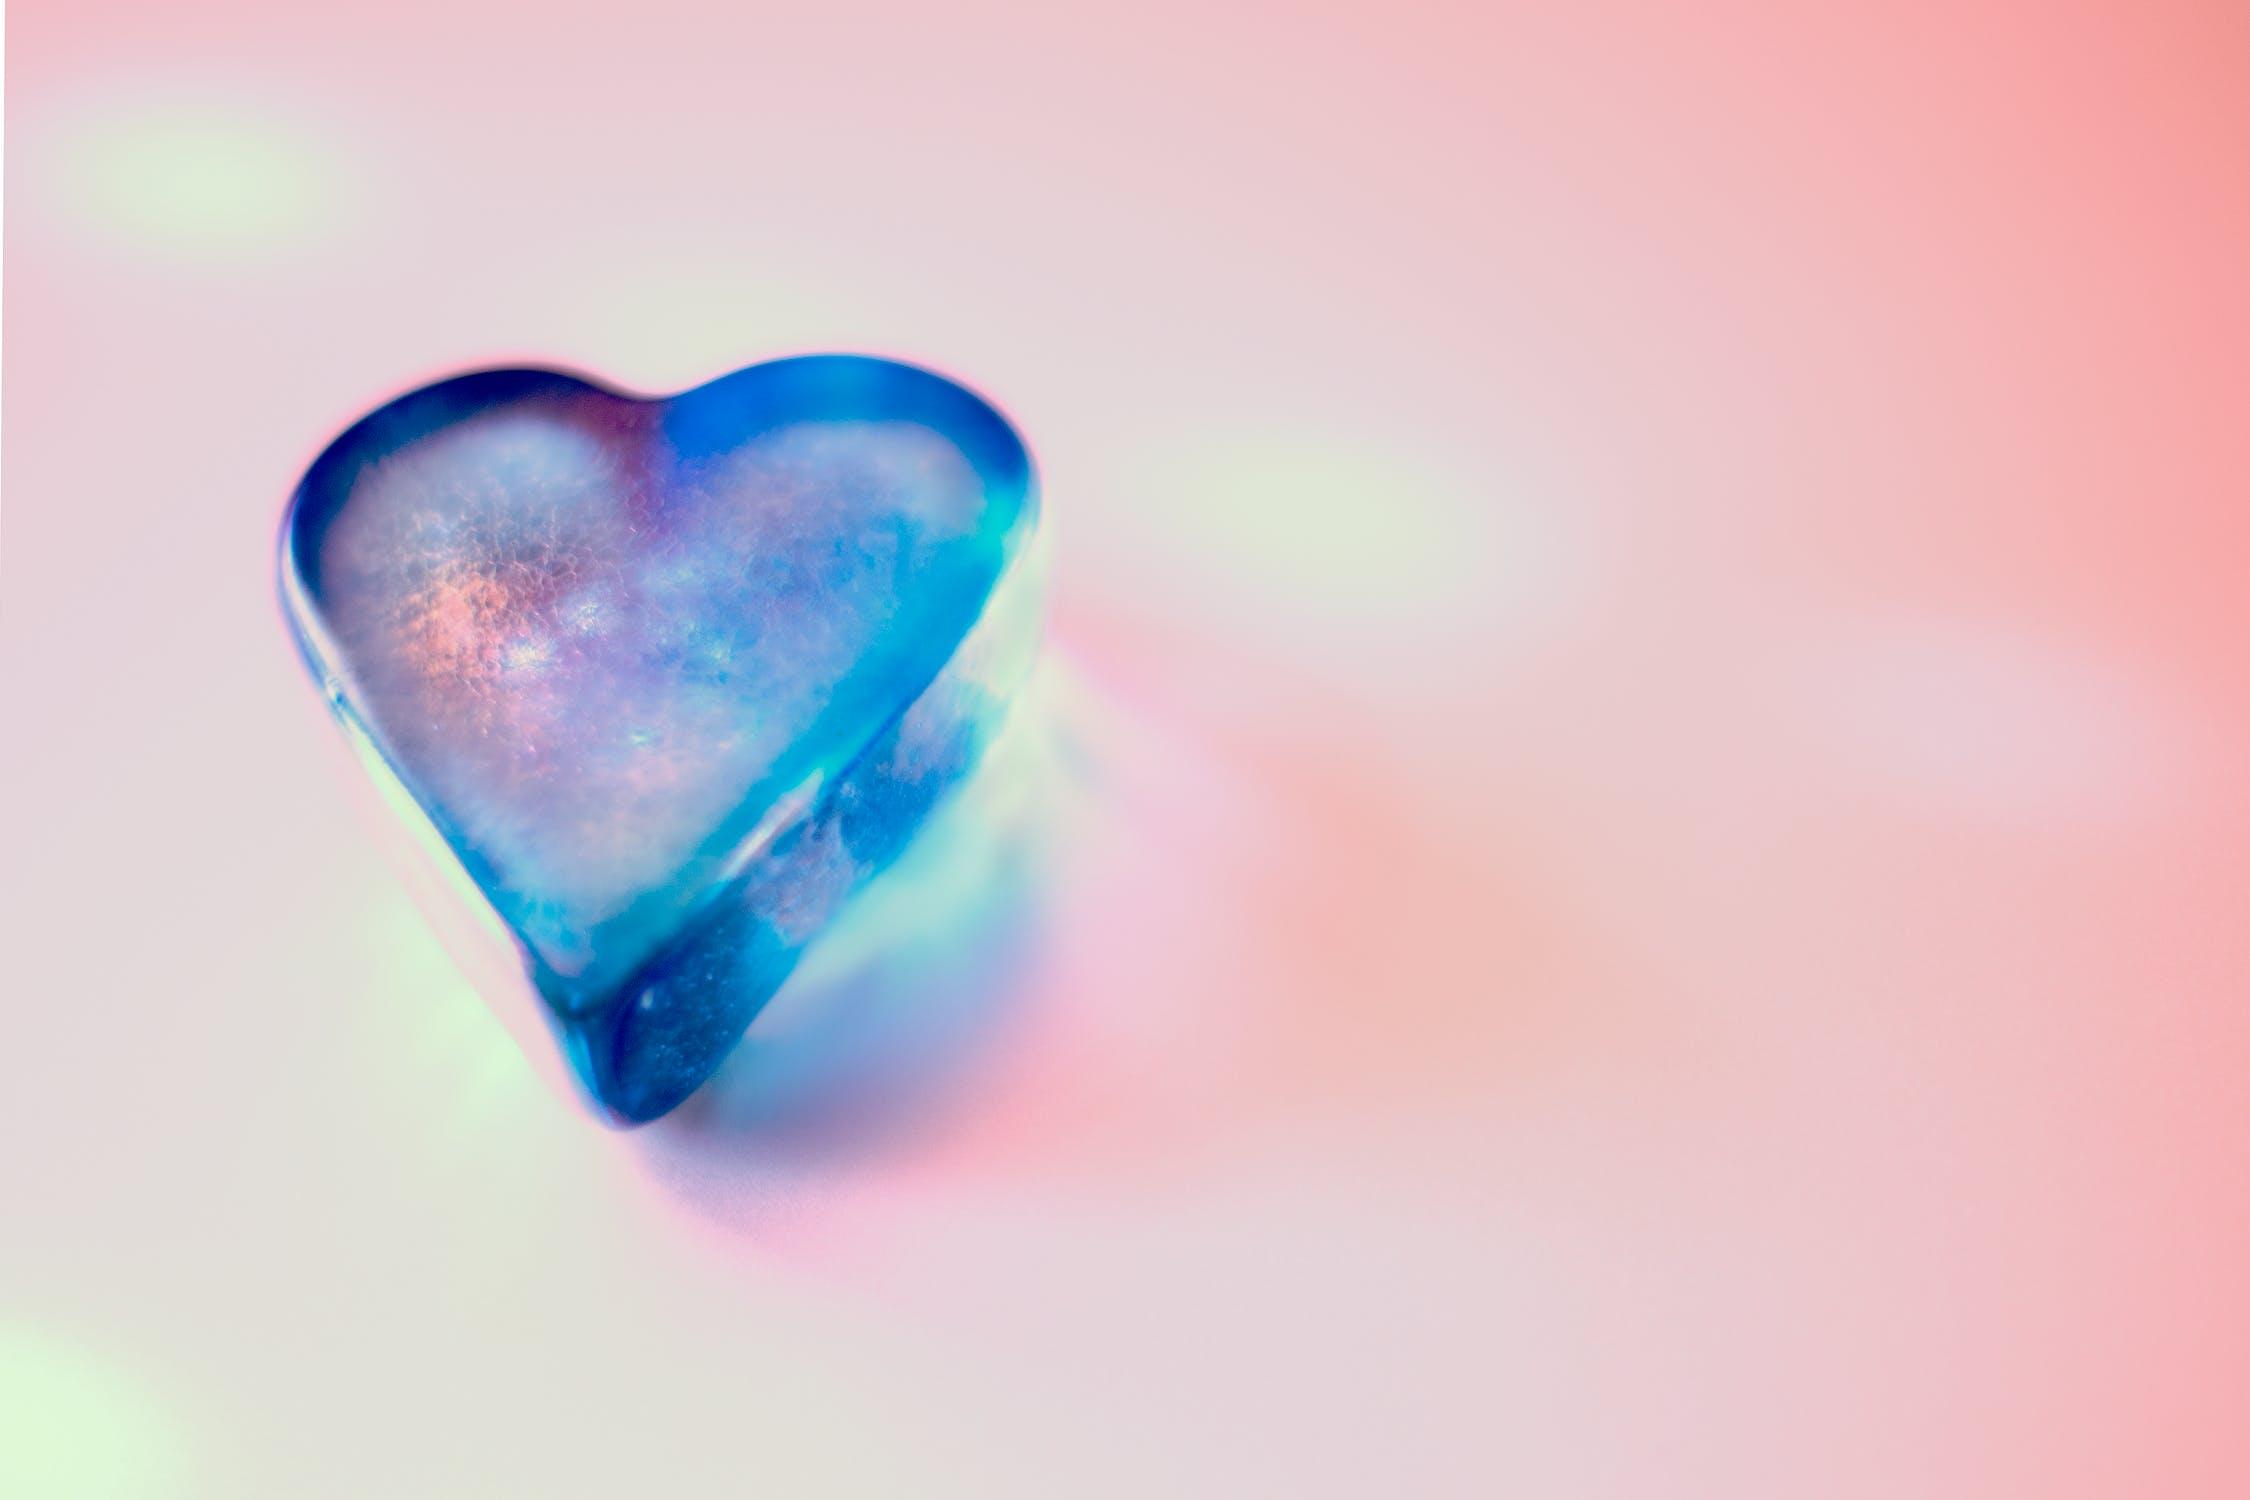 사랑명언 / 예쁜 사랑을 이어가는 20가지 비법